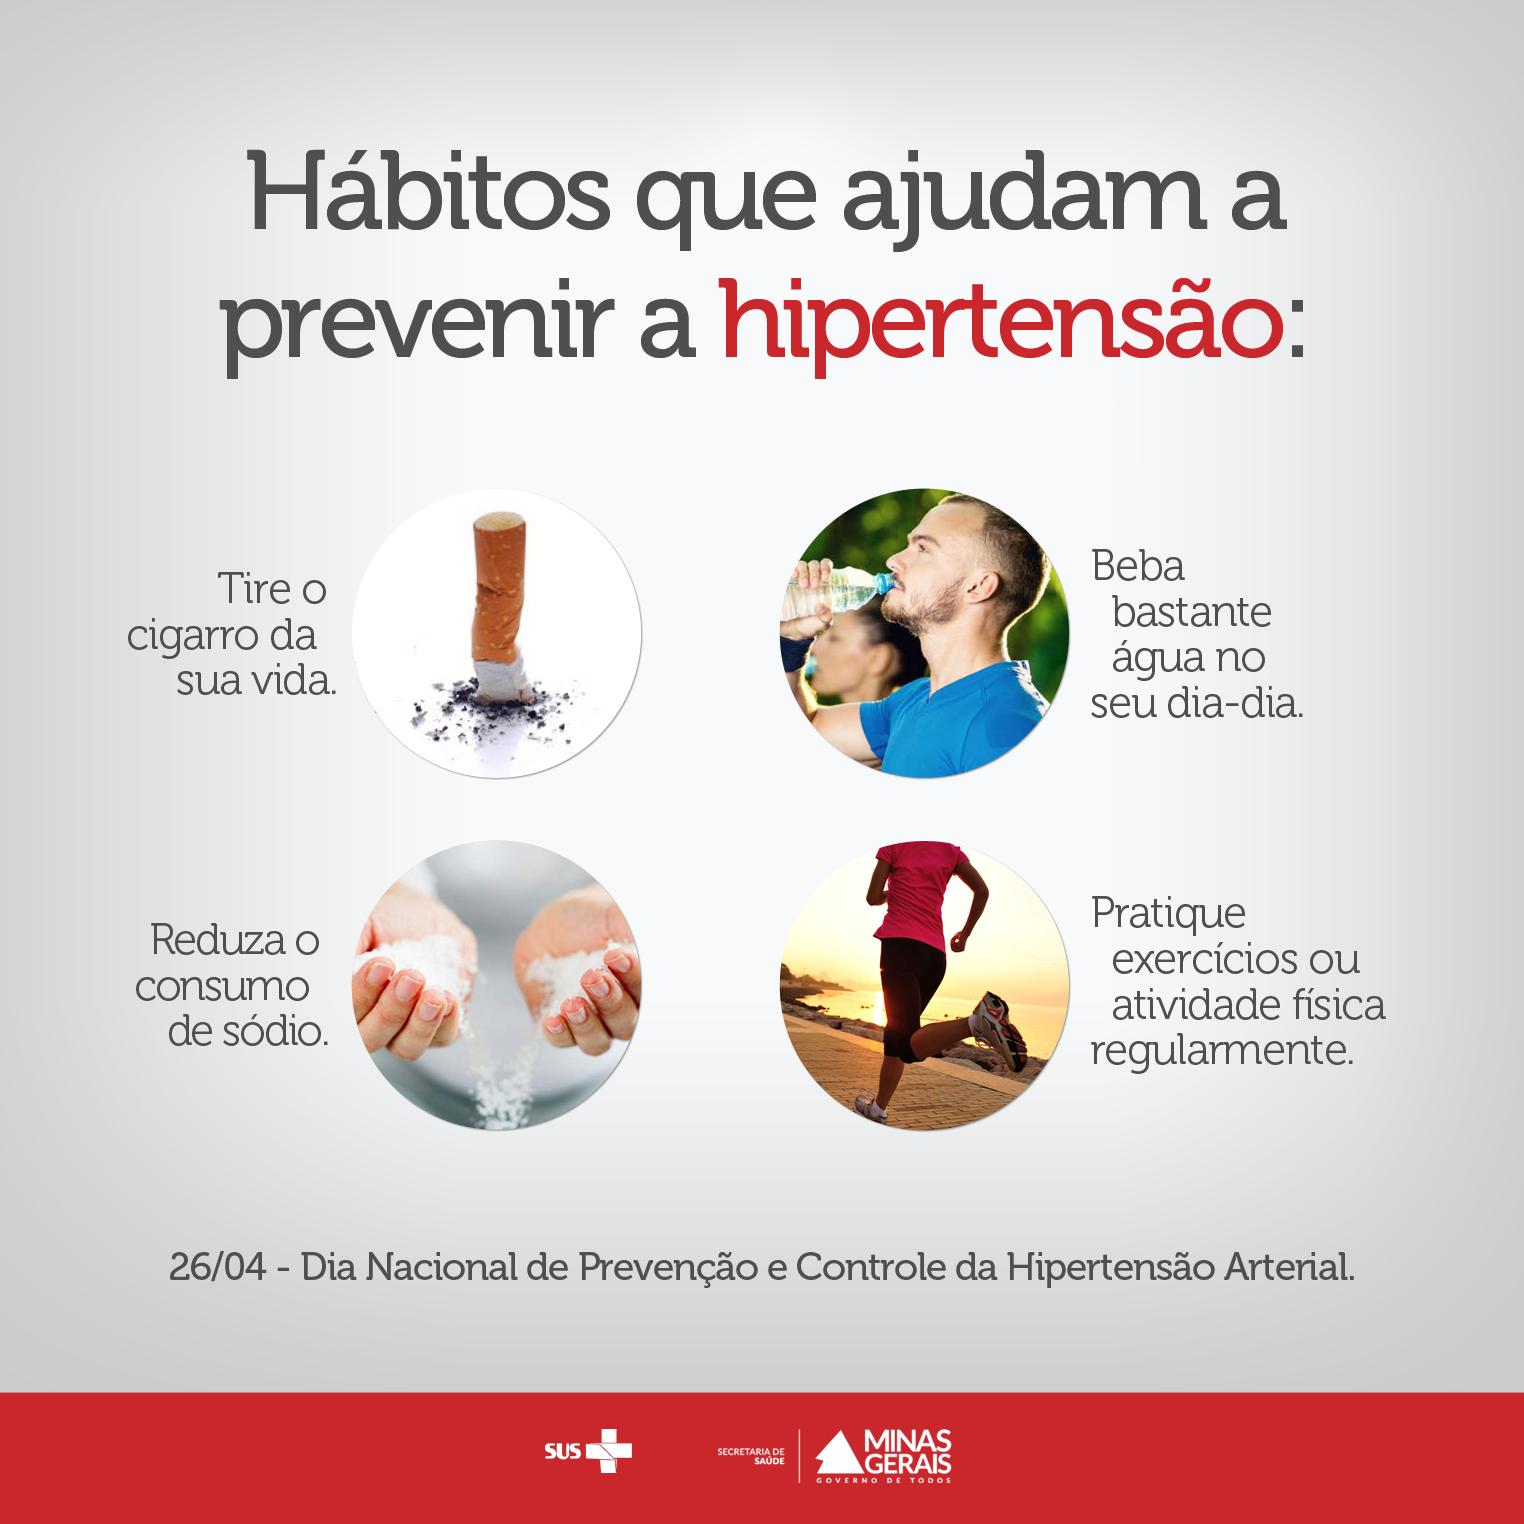 Dia Nacional de Prevenção e Controle da Hipertensão Arterial